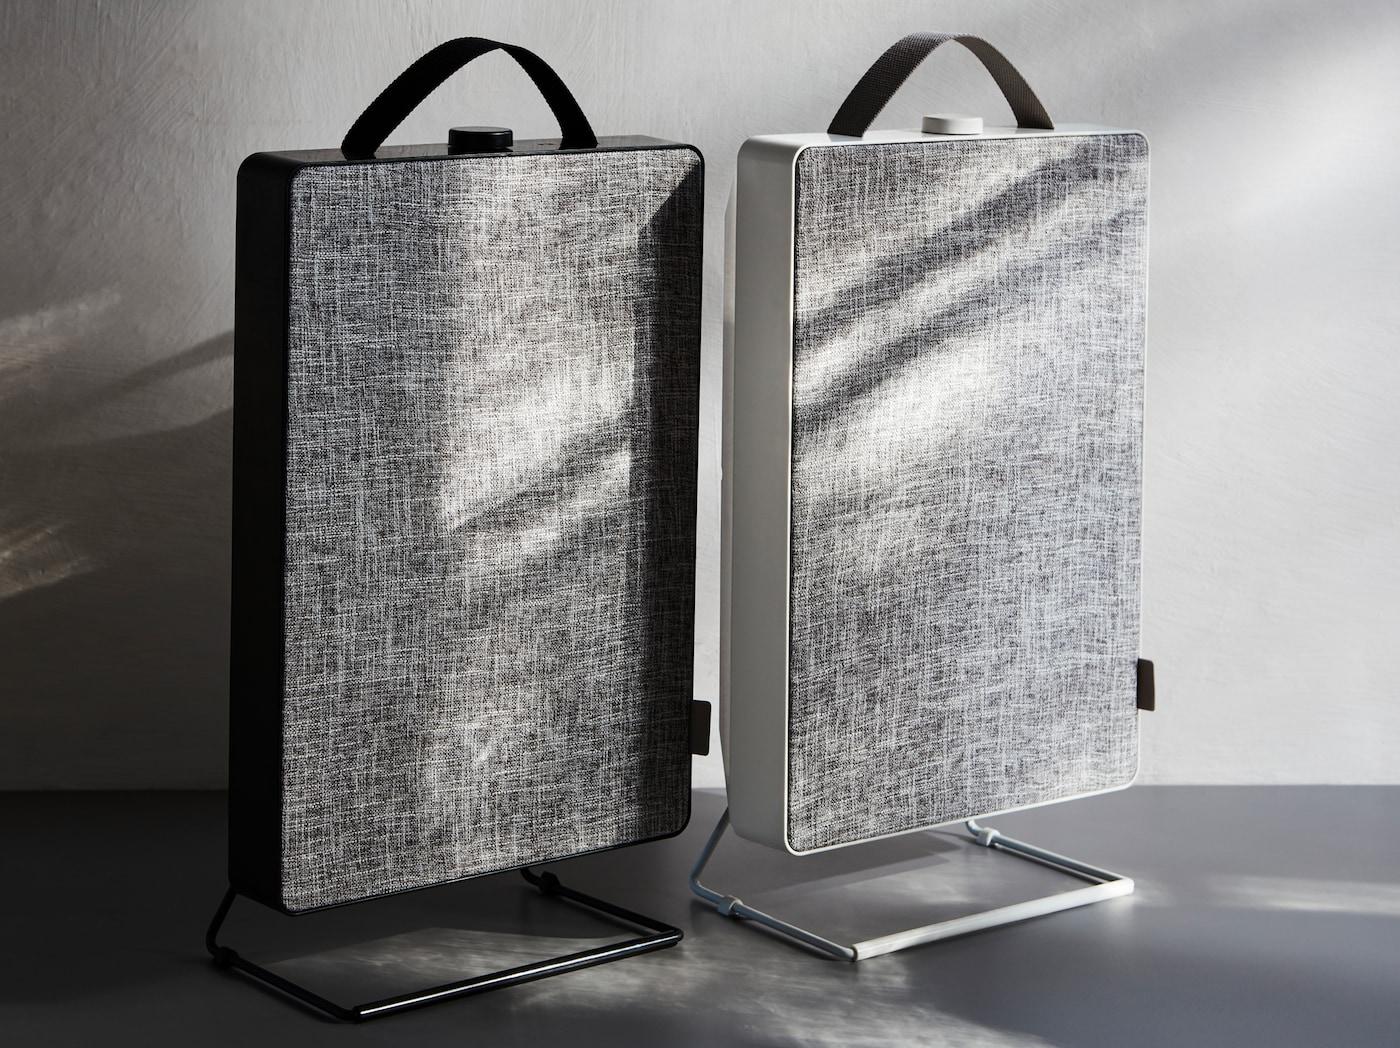 在灰色调的简约环境中,两台黑色和白色FÖRNUFTIG 费努福提 空气净化器并列排放着,正面均为灰色。